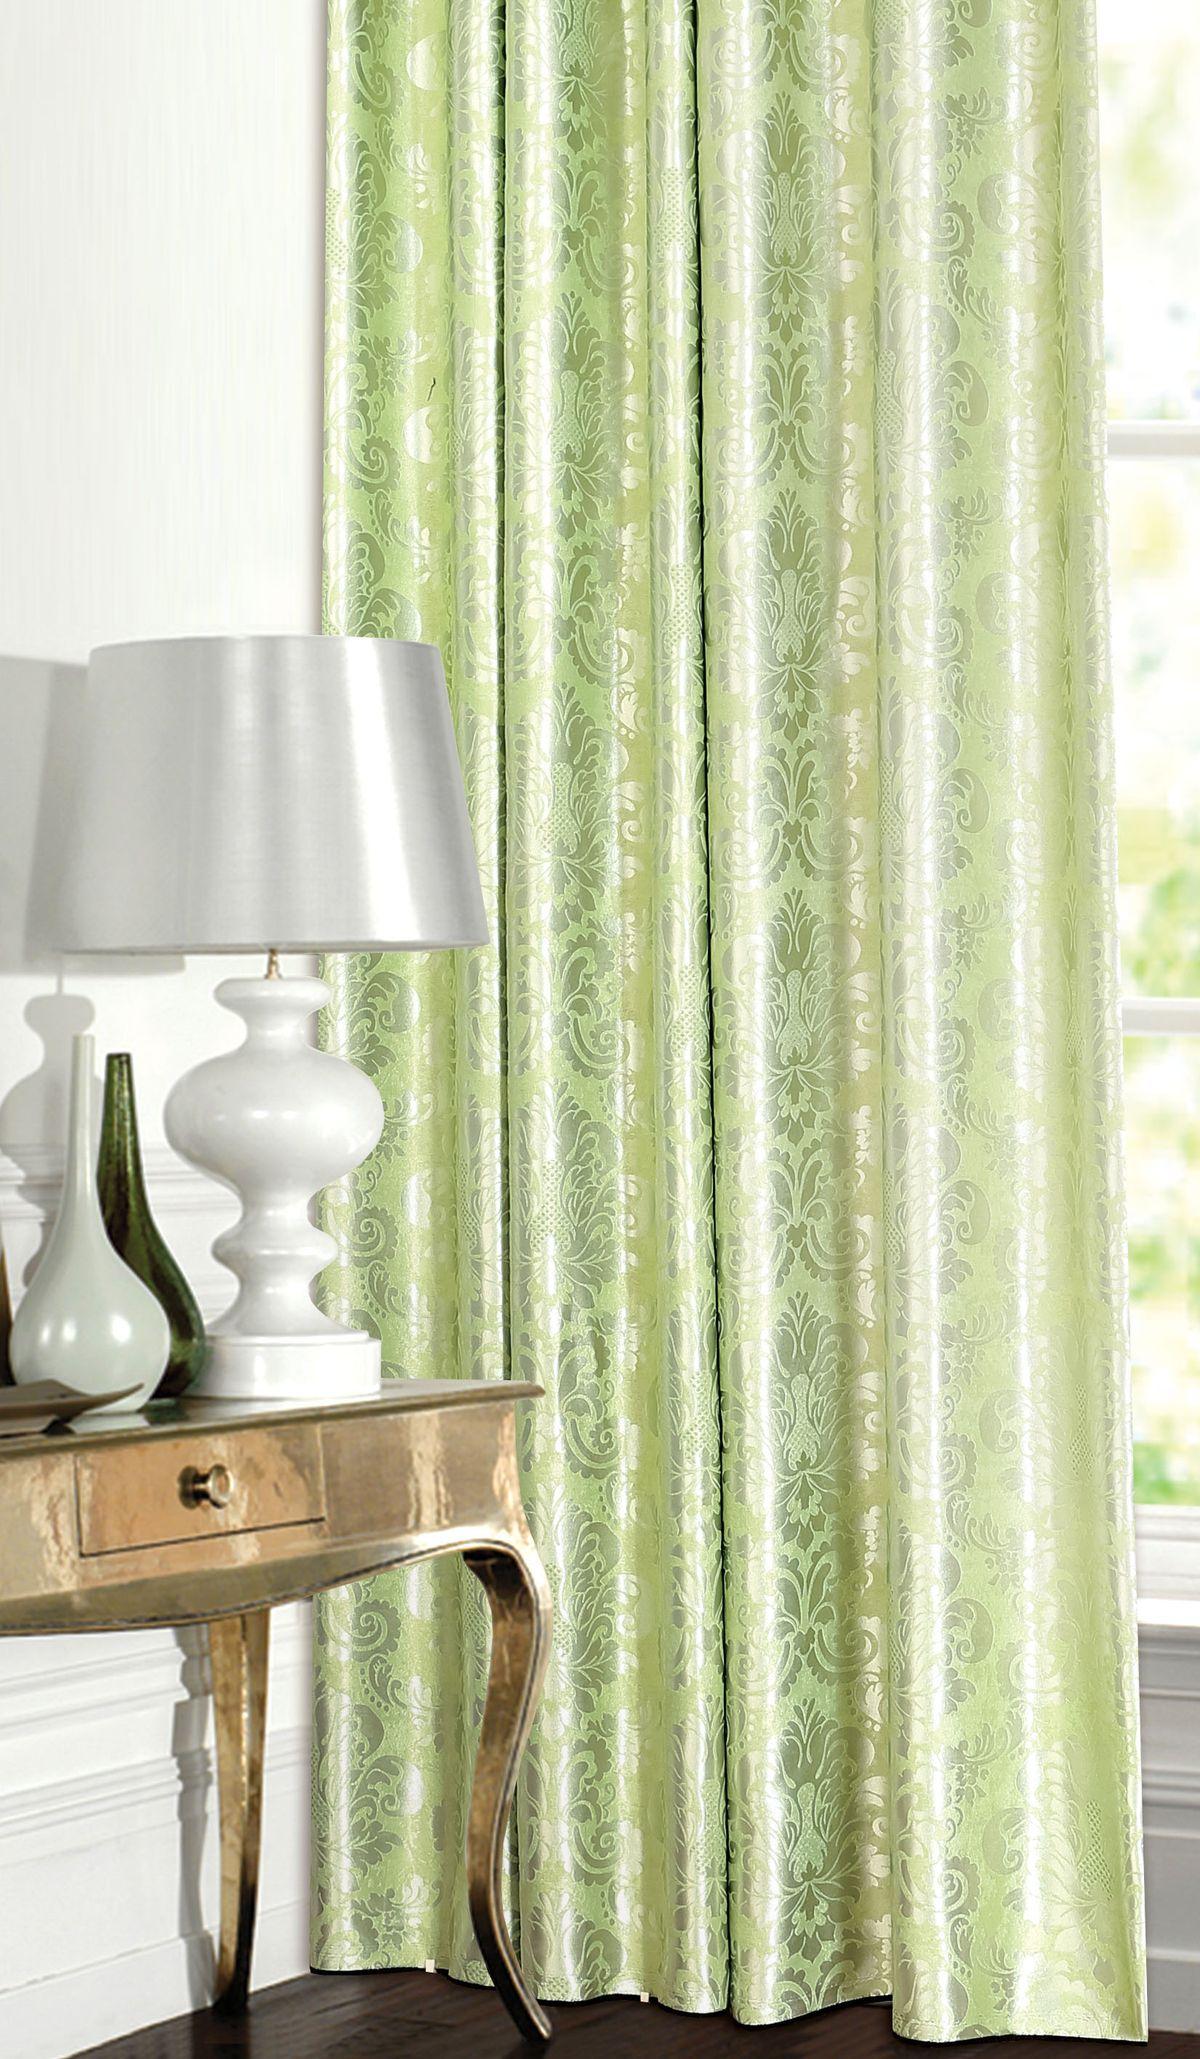 Штора Garden, на ленте, цвет: зеленый, высота 260 см. С 537392 V781540Изящная штора для гостиной Garden выполнена из ткани с оригинальной структурой. Приятная текстура и цвет штор привлекут к себе внимание и органично впишутся в интерьер помещения. Штора крепится на карниз при помощи ленты, которая поможет красиво и равномерно задрапировать верх.